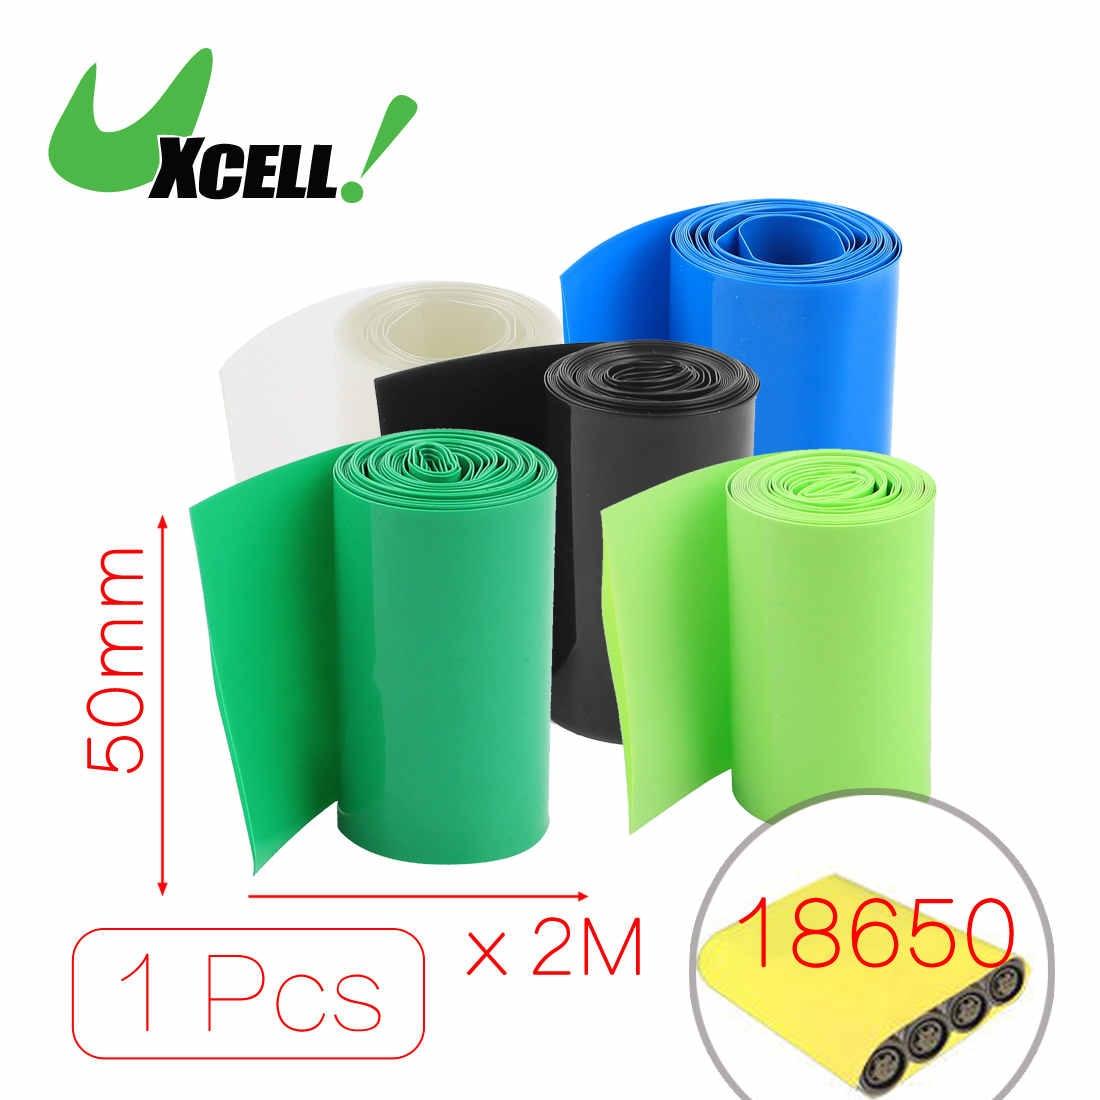 PVC Heat Shrink Tube 2m x 115mm Flat Width